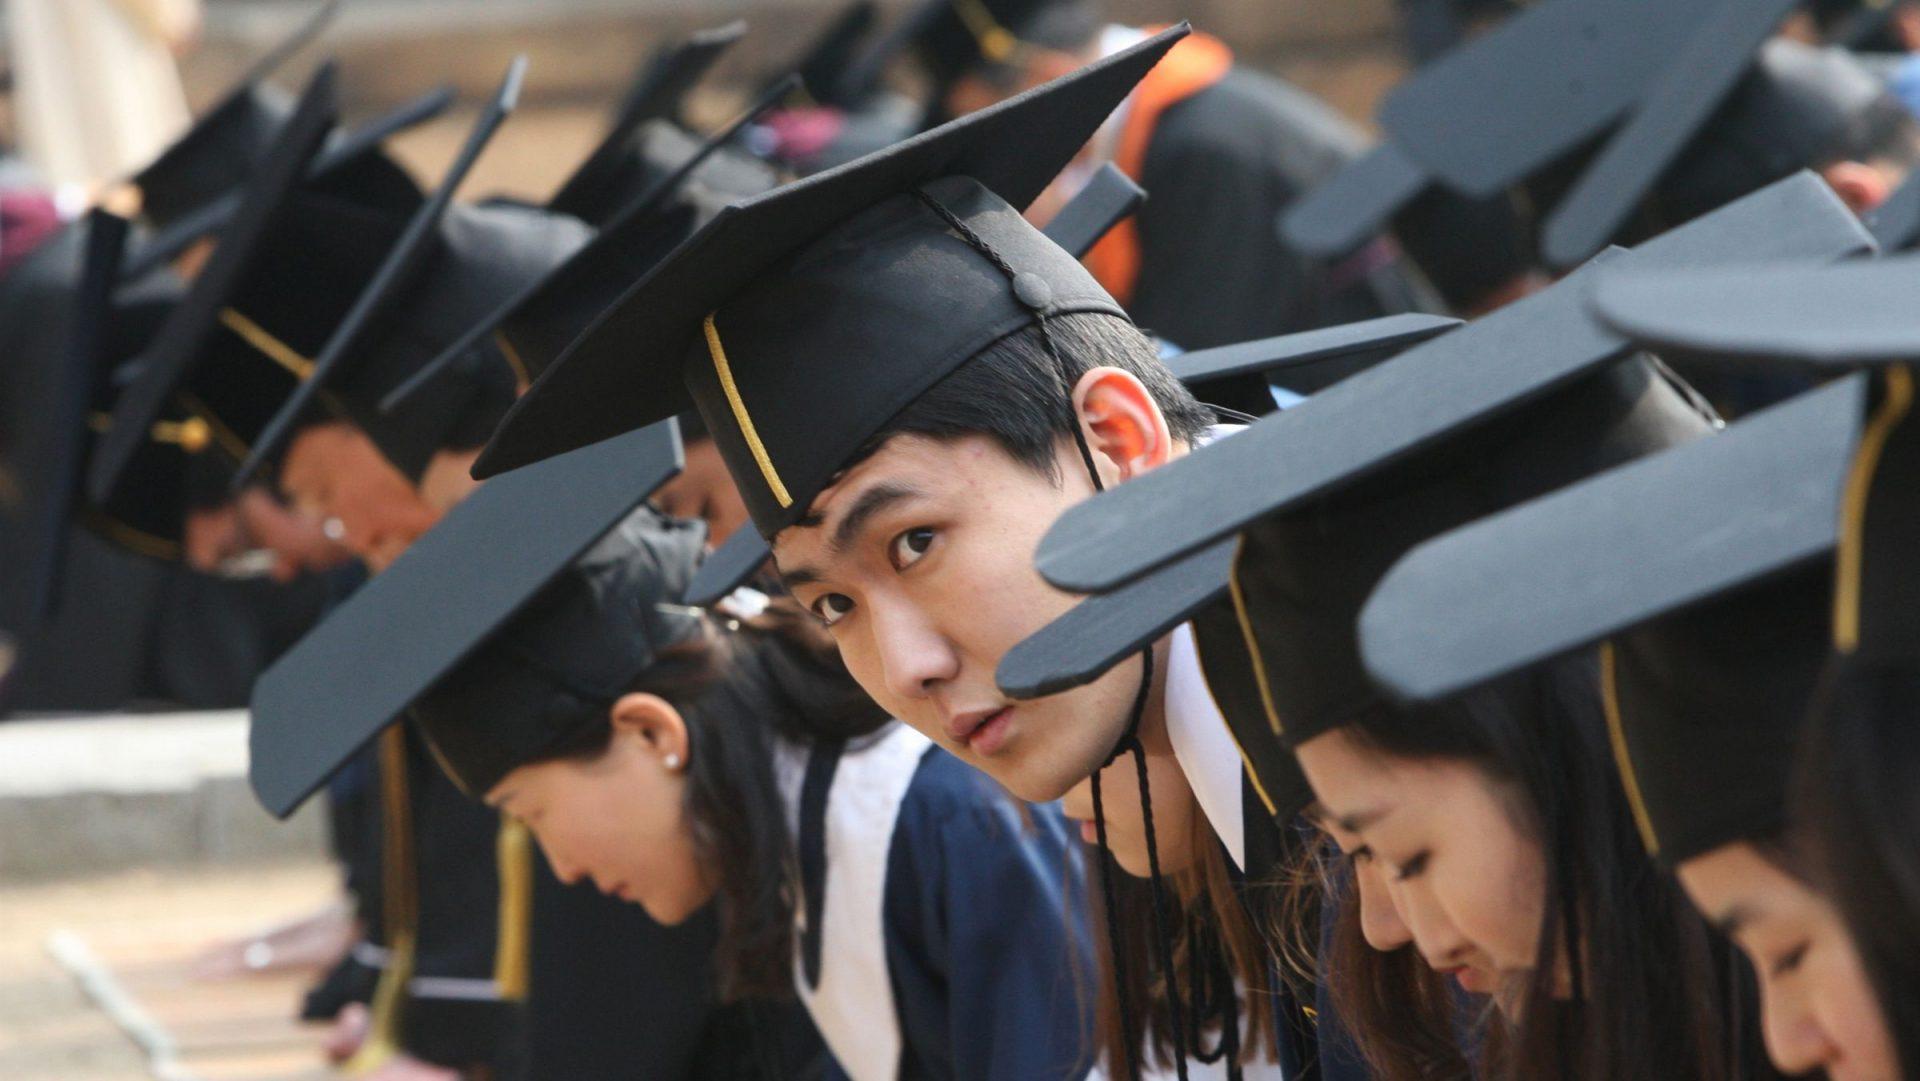 """Une société entièrement centrée sur la réussite et le compétition, c'est le """"Hell Joseon"""" ou """"enfer coréen"""" que de nombreux jeunes rejettent. (Source : Quartz)"""